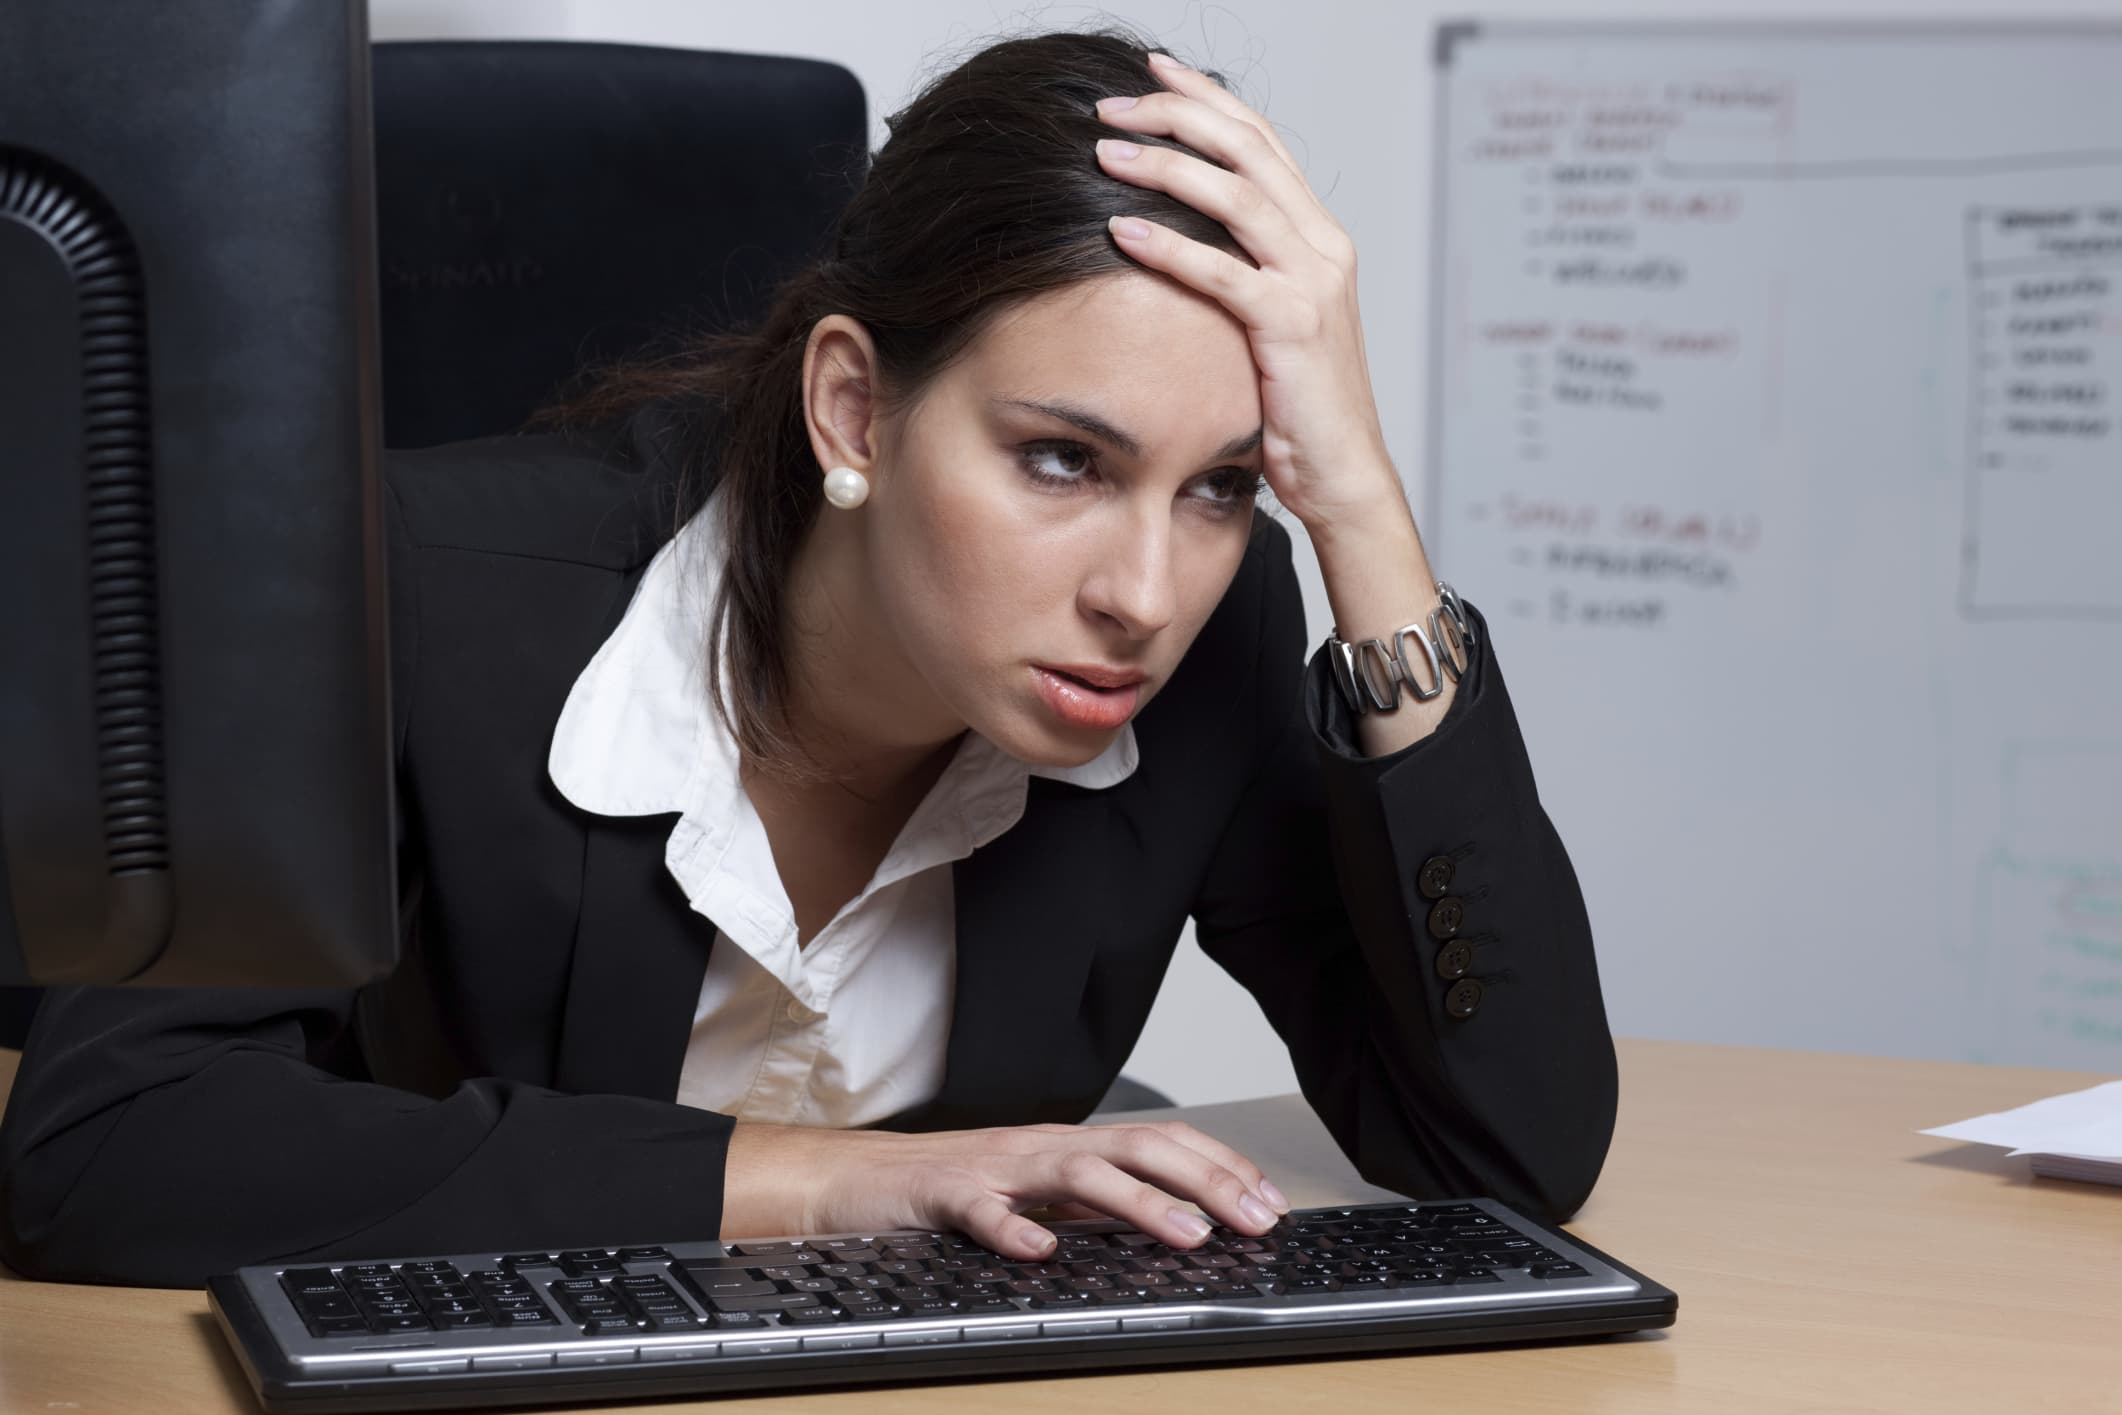 Стресс ухудшает память и уменьшает объём мозга